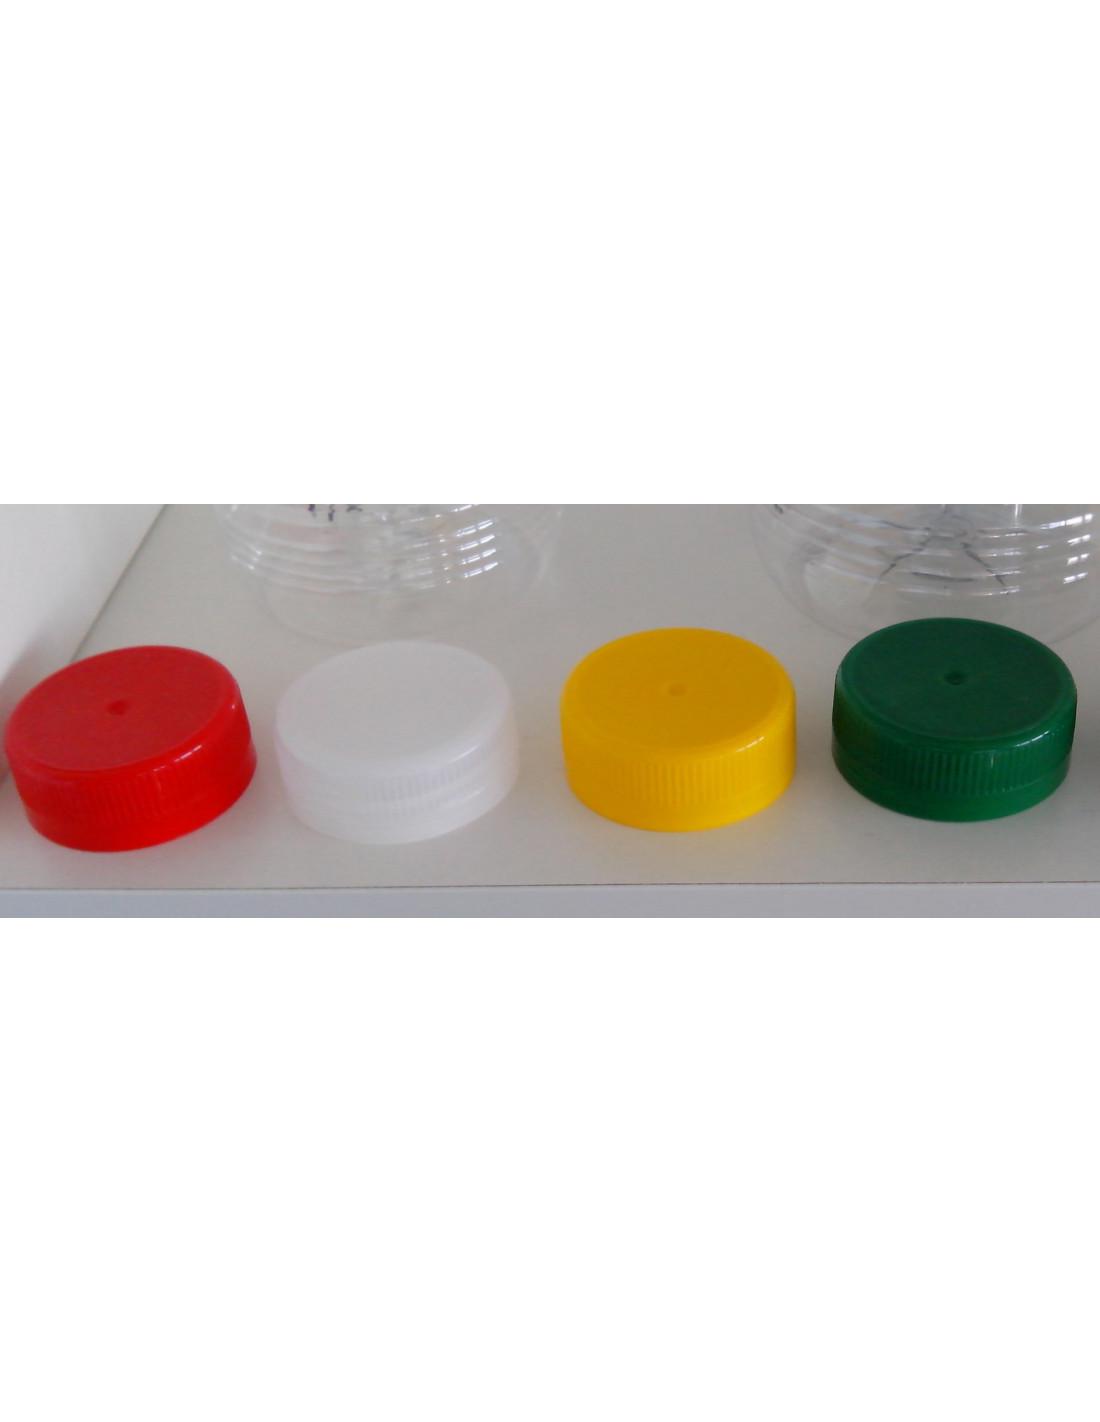 colores disponiobles de los tapones